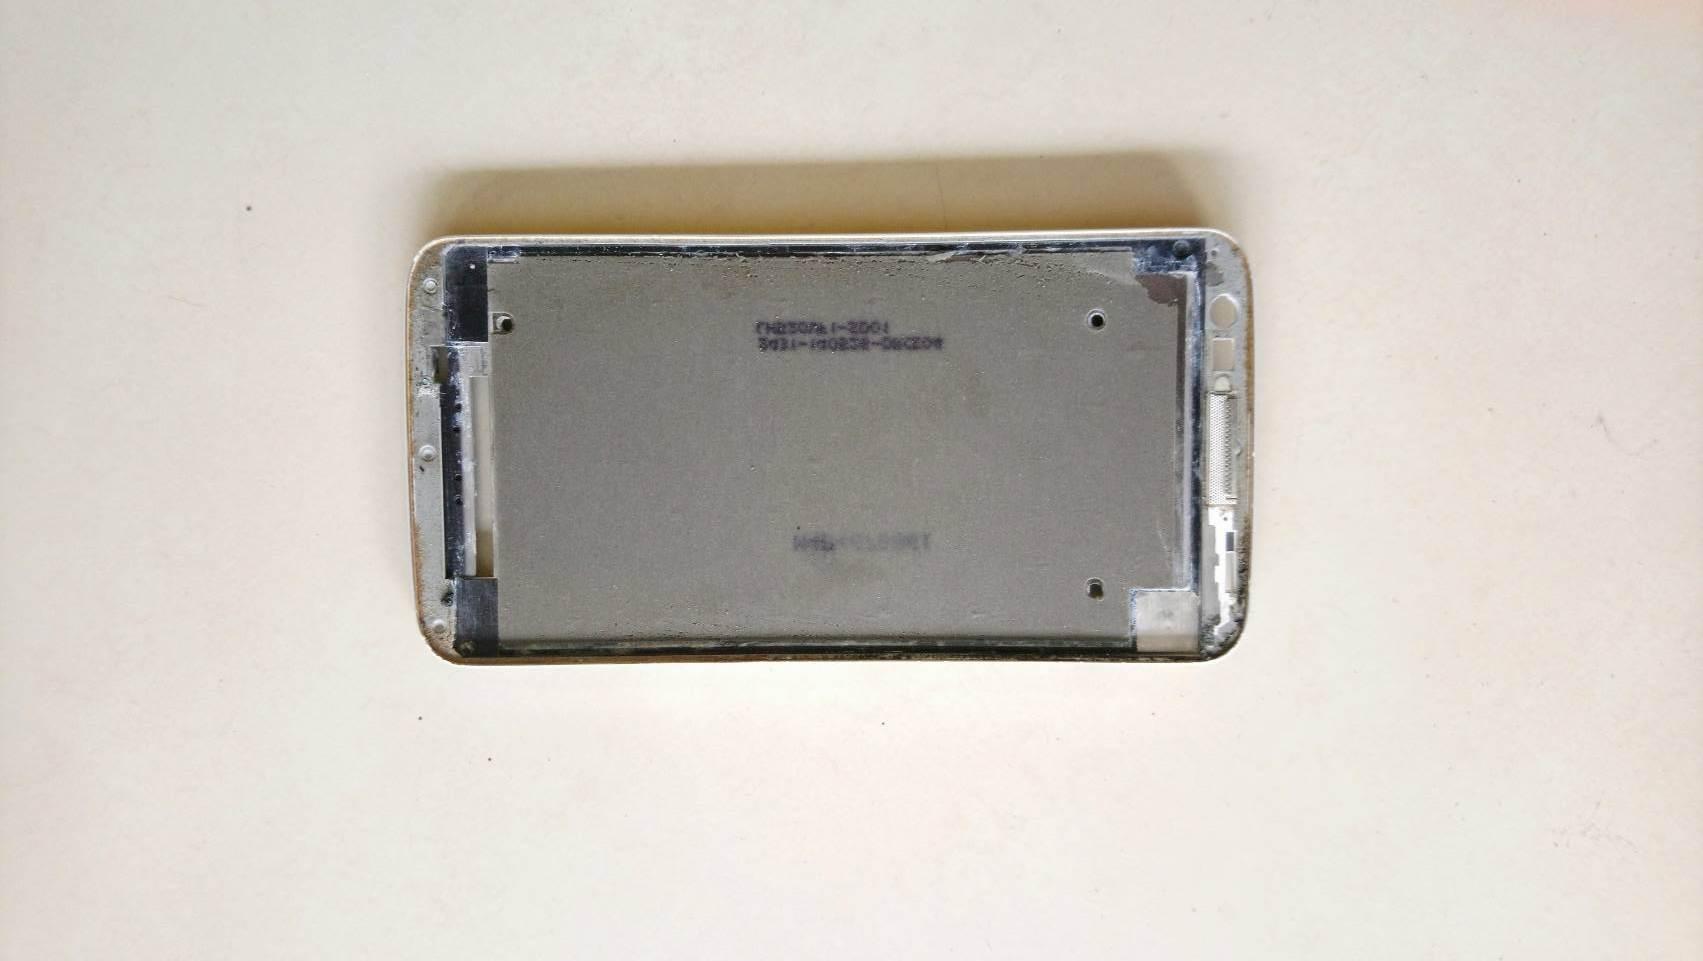 เคสกลาง LG G2 F320 / D800 มือสอง